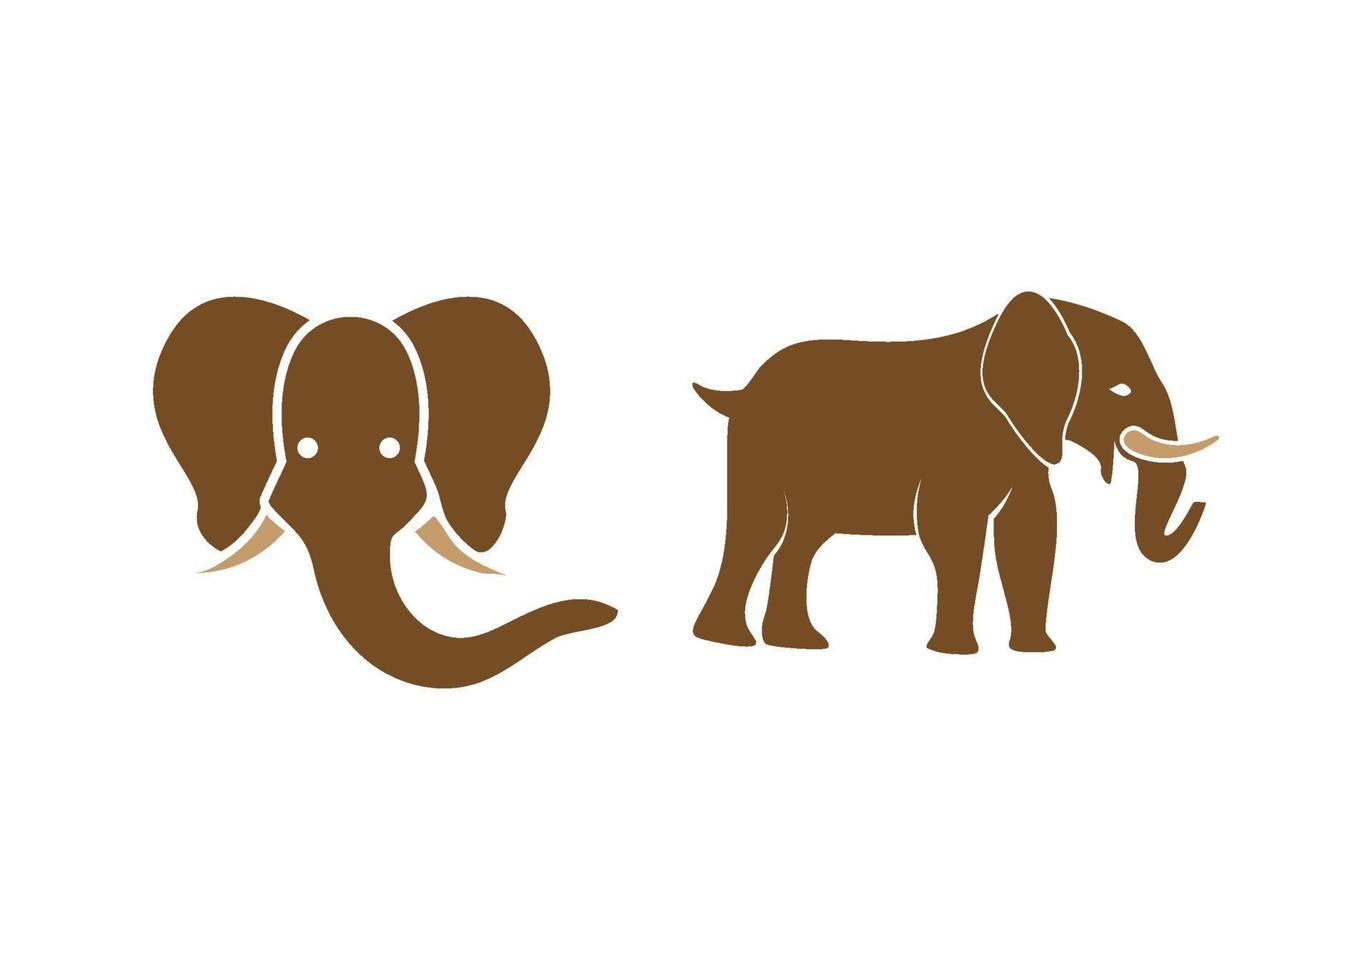 elefant ikon illustration vektor uppsättning